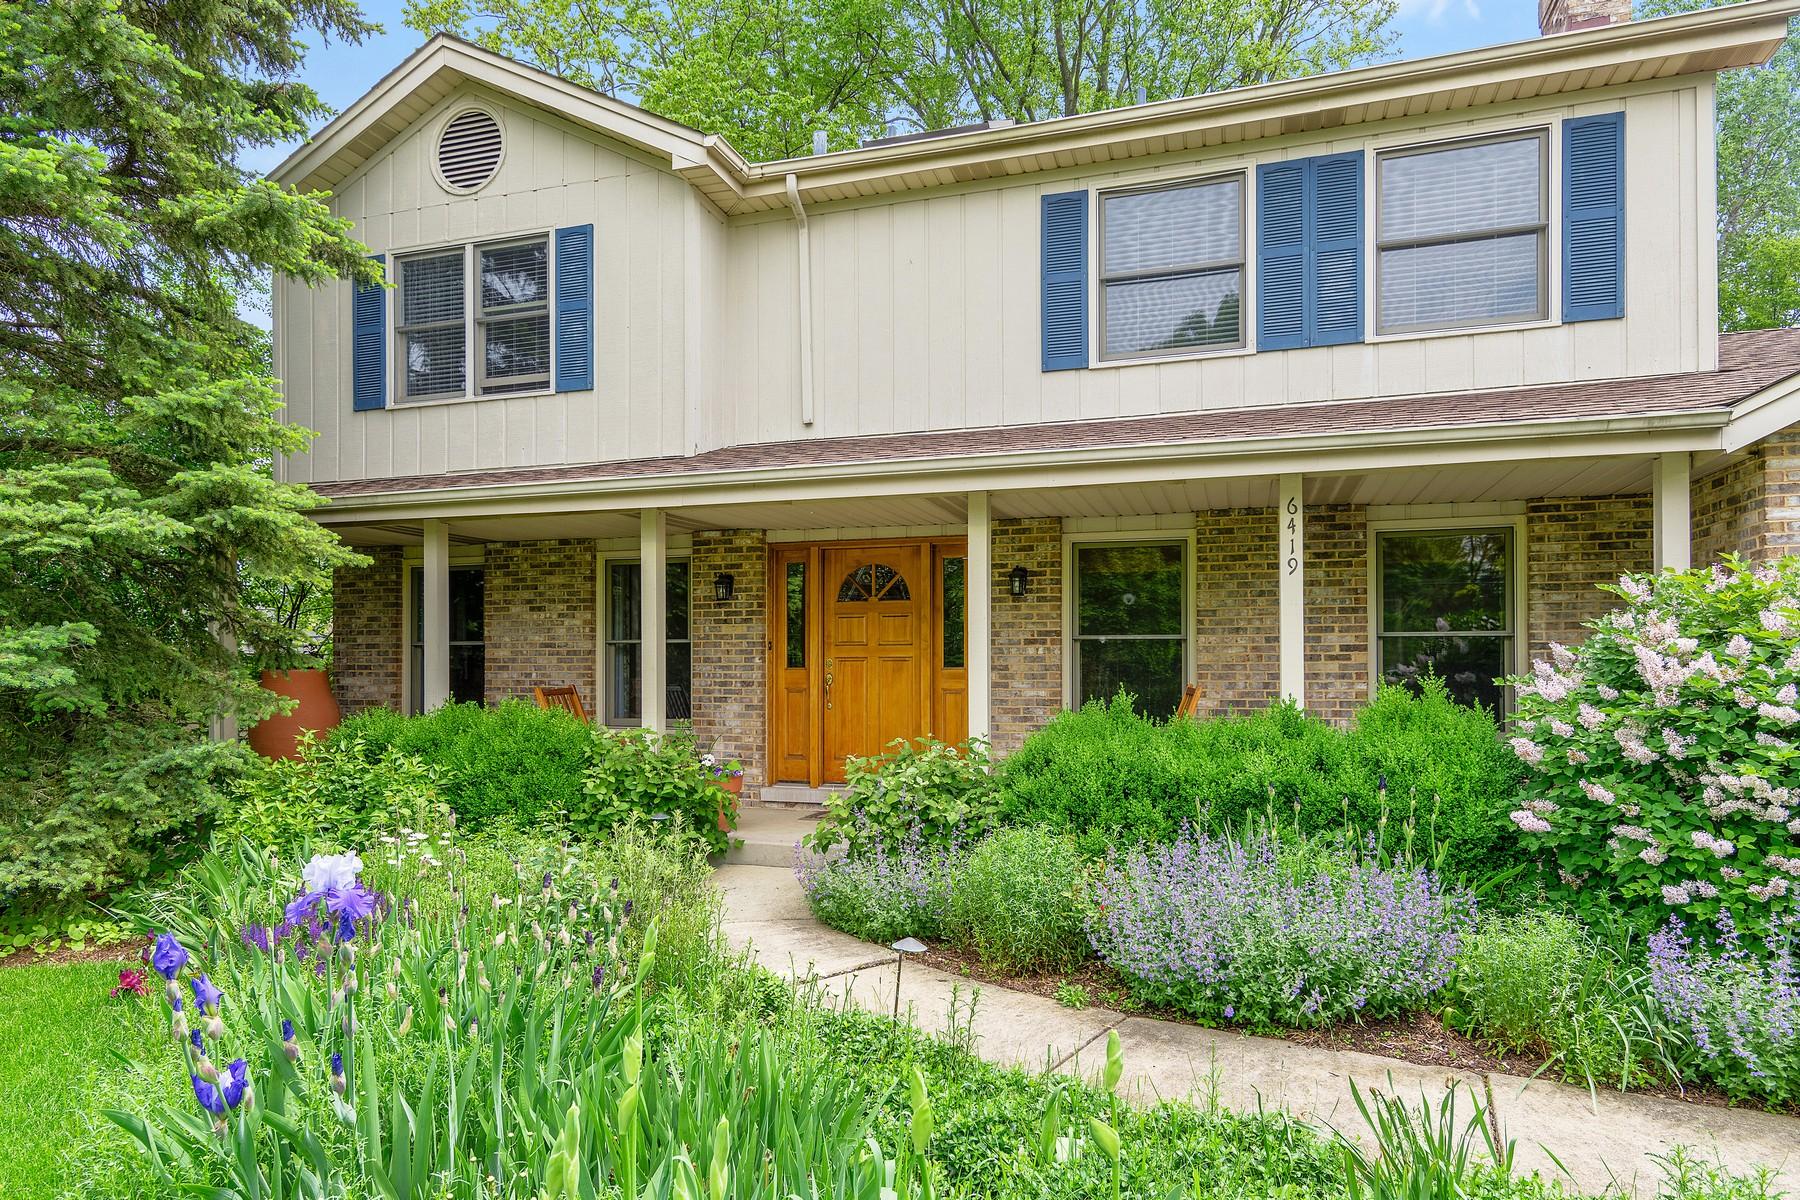 一戸建て のために 売買 アット 6419 S. Garfield Burr Ridge, イリノイ, 60567 アメリカ合衆国